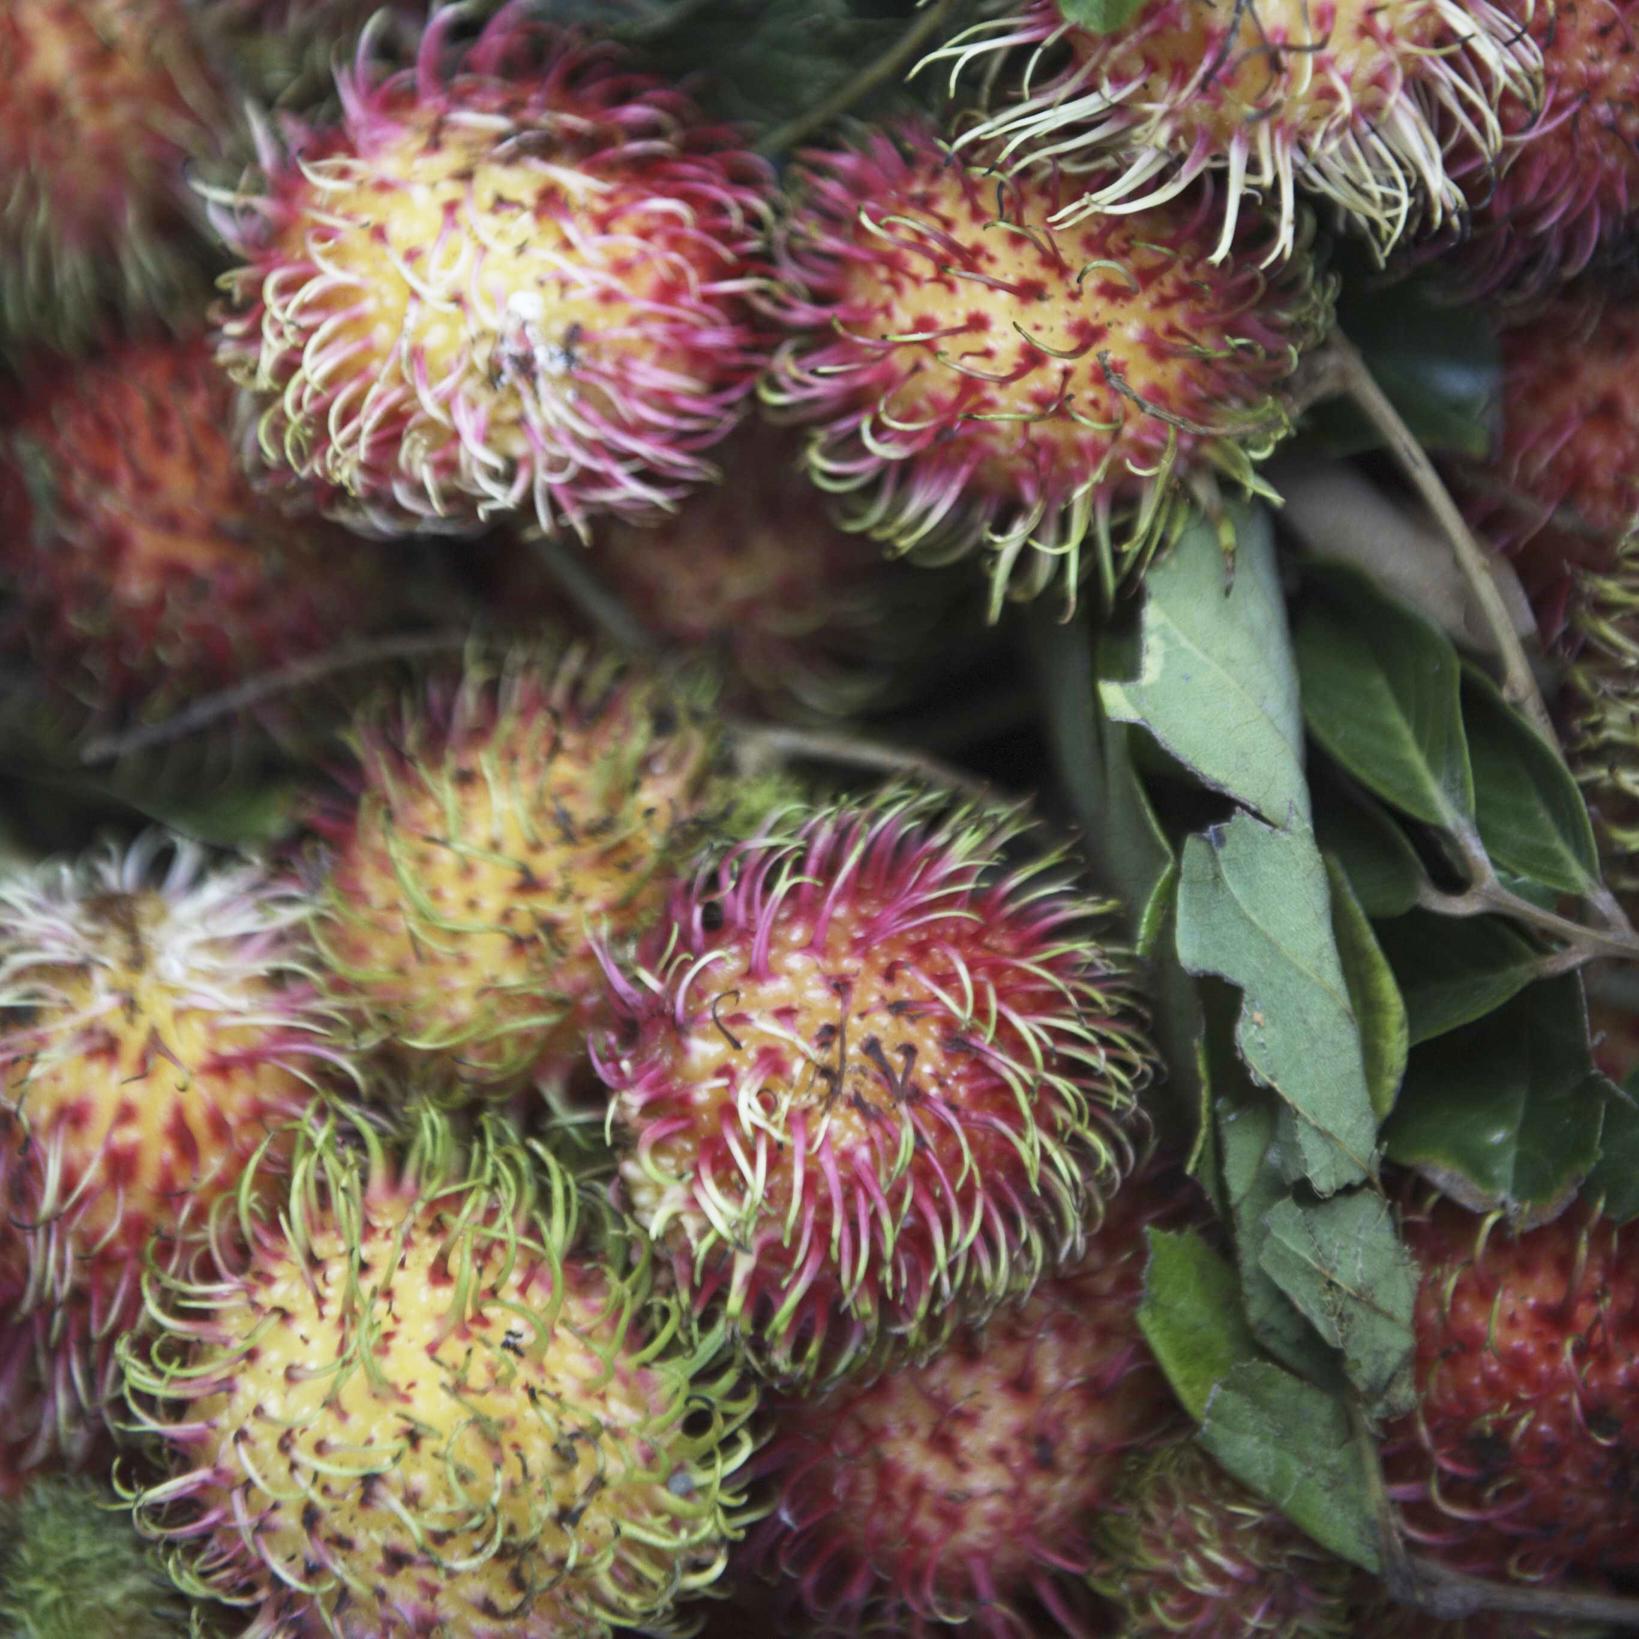 Sentosa-Sulawesi-St.-26-11-09-000138